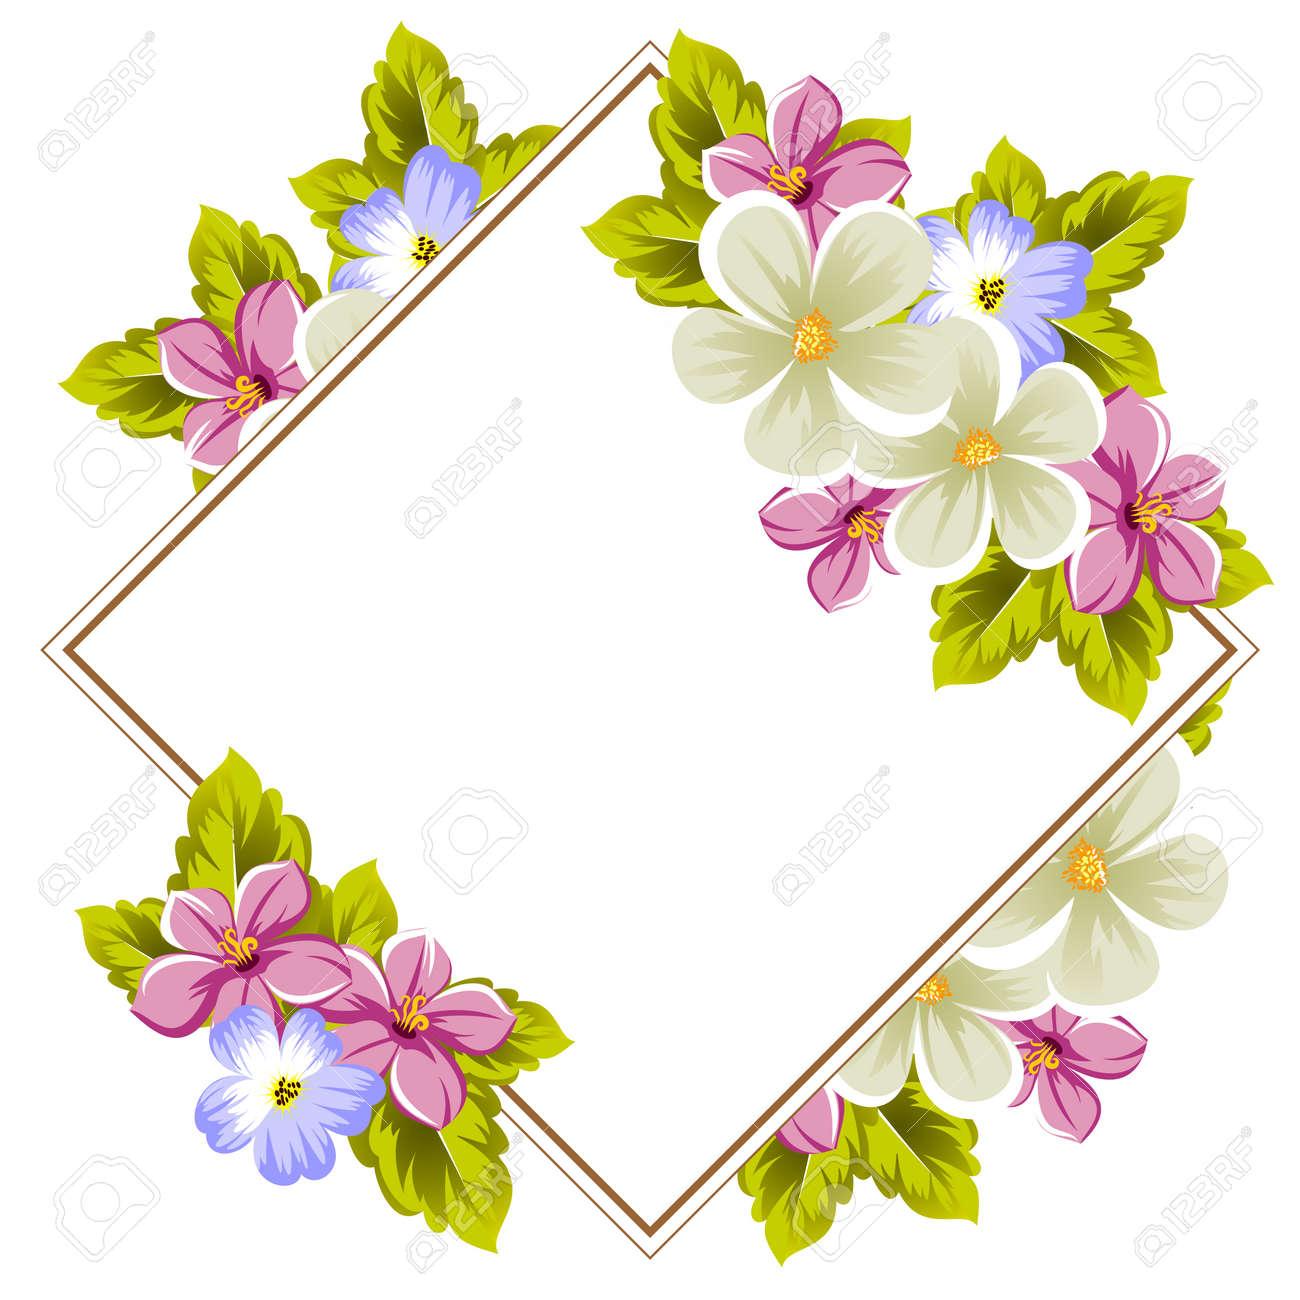 Marco Floral De Varias Flores Y Hojas Para El Diseño De Tarjetas Invitaciones Carteles Pancartas Saludo De Cumpleaños Día De San Valentín Boda